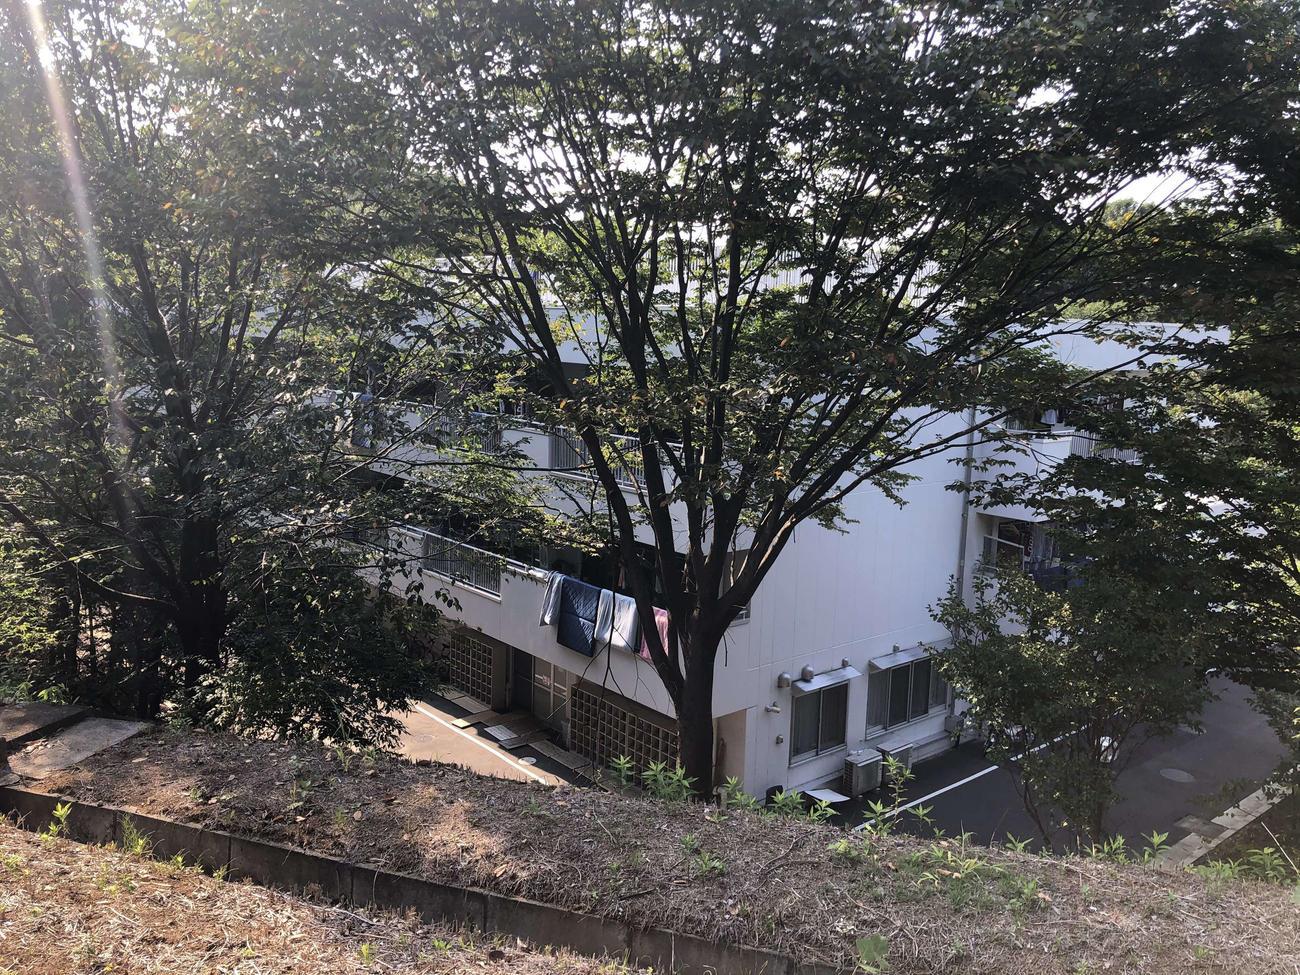 元ヘッドコーチの40代男性による部員への暴行問題発覚から一夜明けた東京・稲城市の日大ラグビー部寮